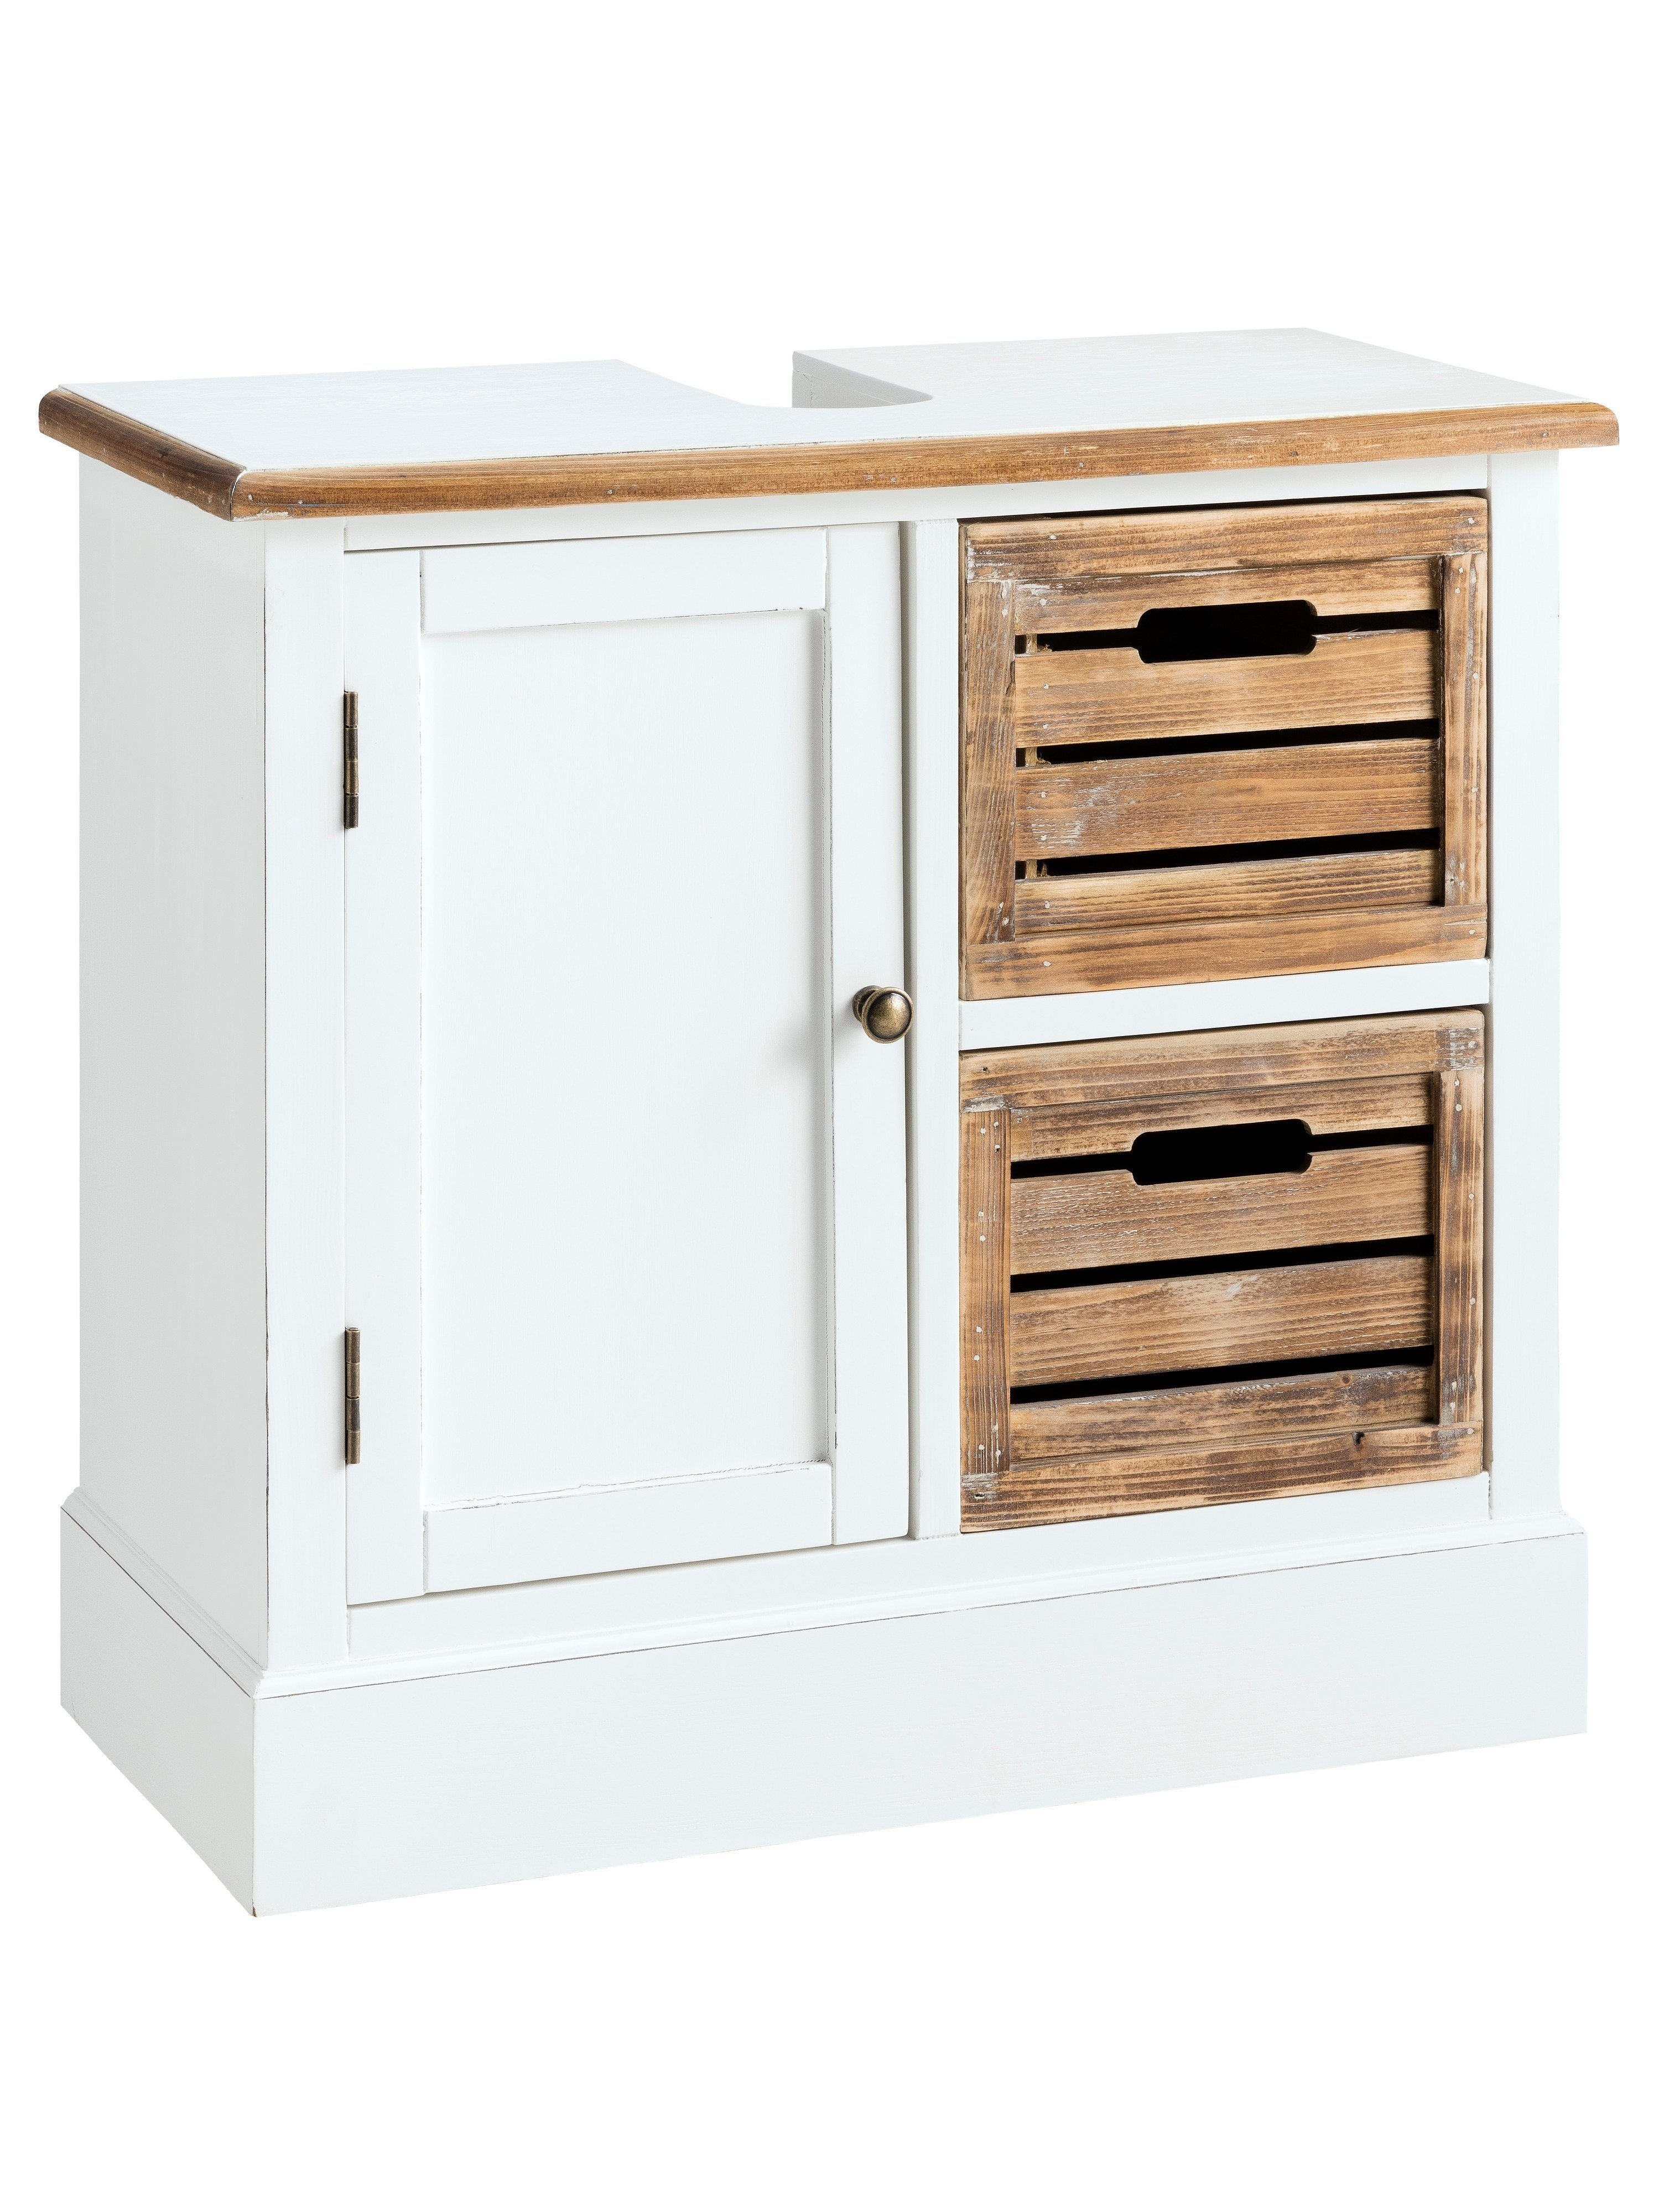 610478ef397f8bb7819dbcdbb2170168 Wunderbar Holz Für Bogenbau Kaufen Dekorationen